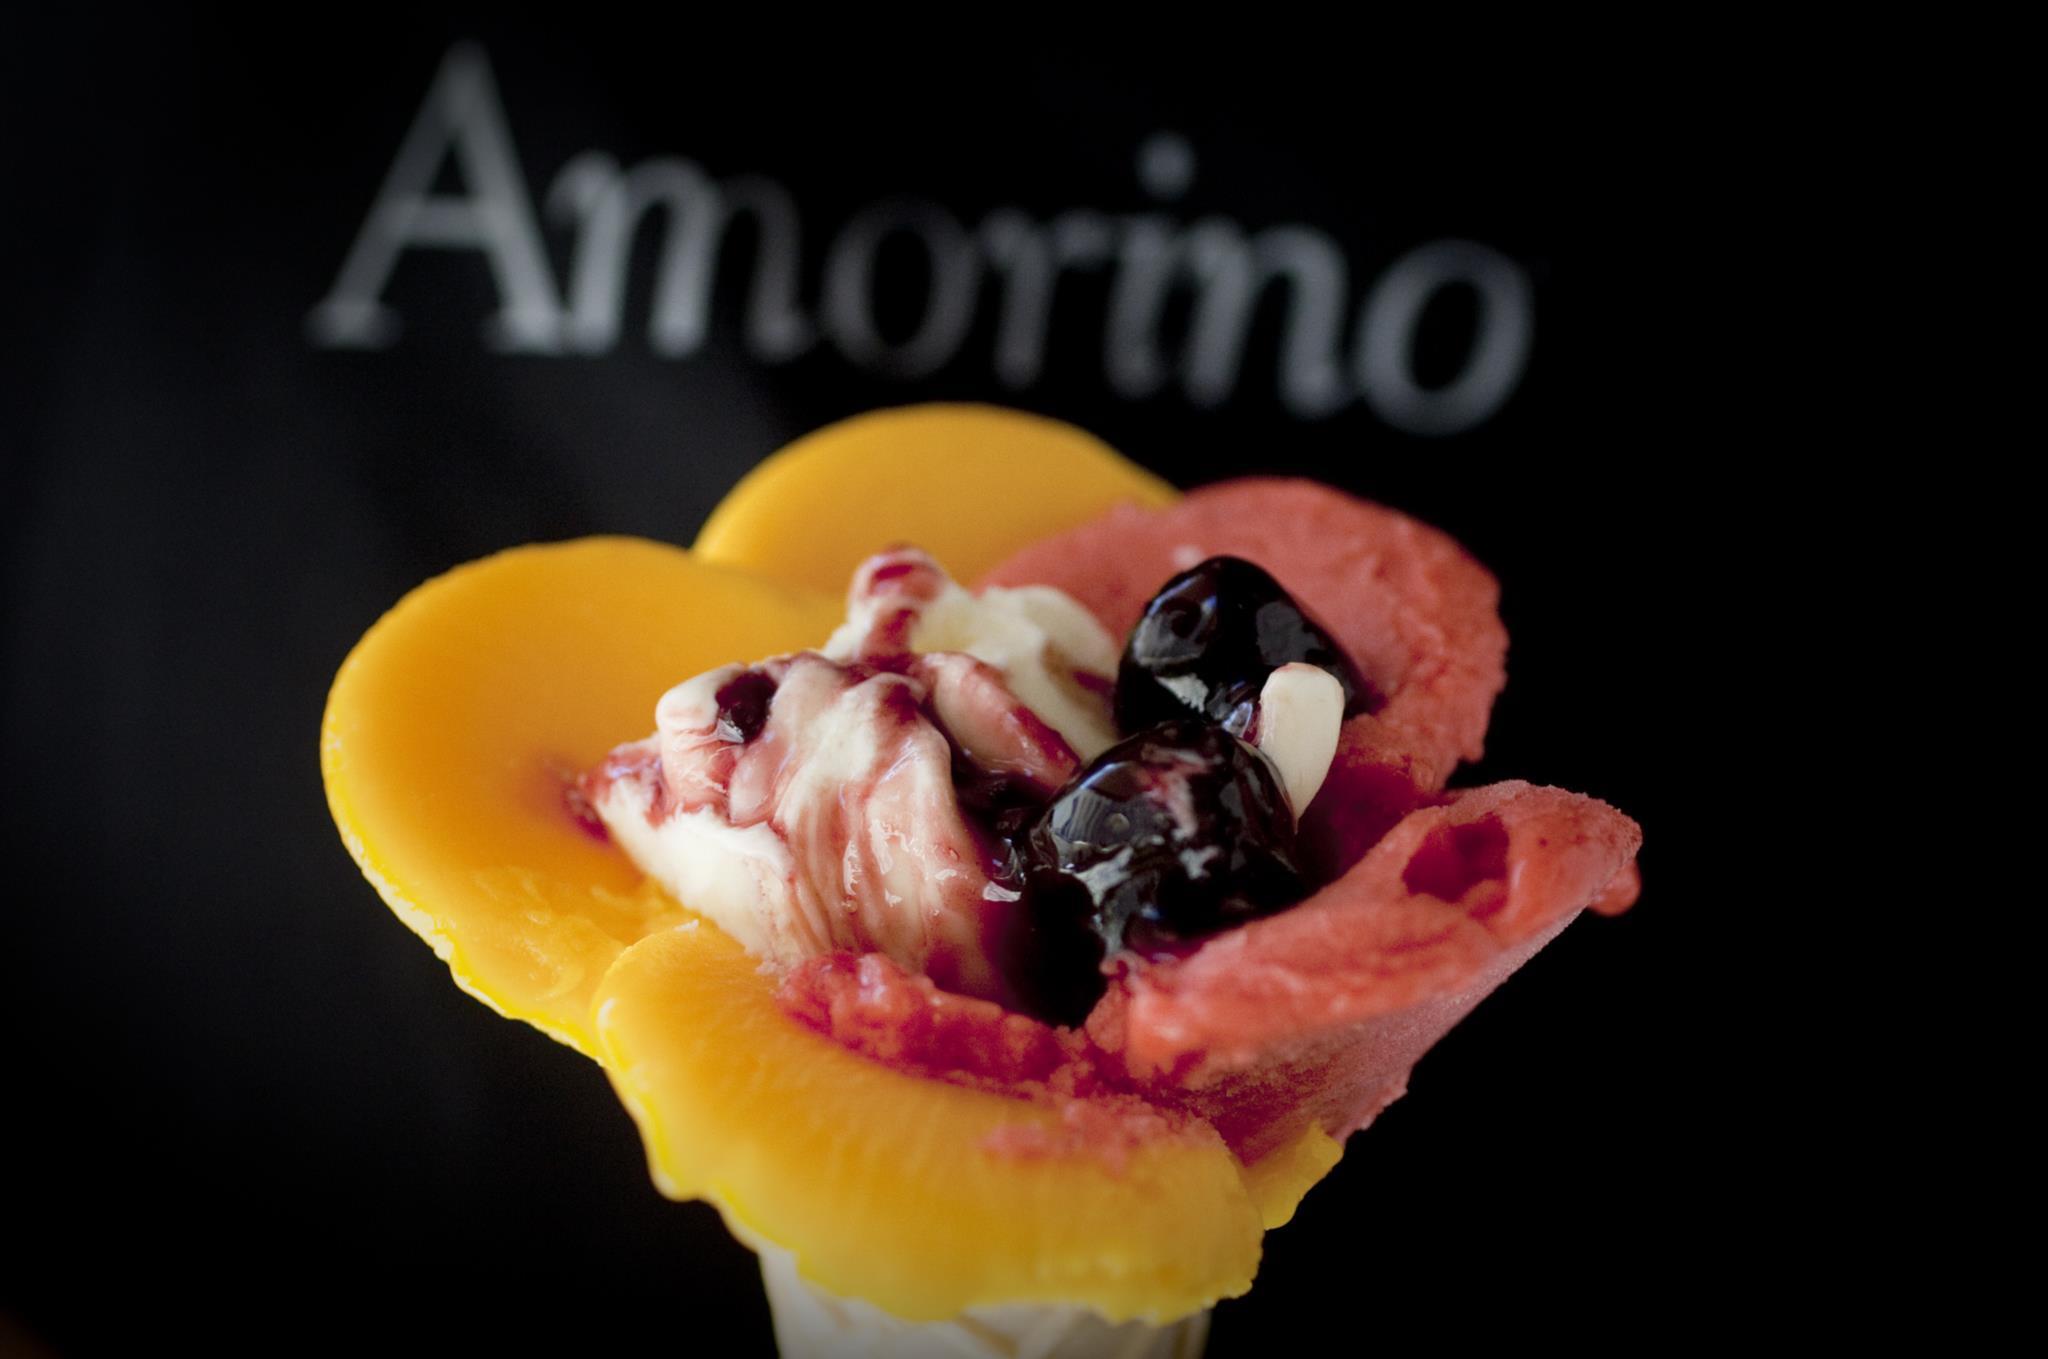 PÚBLICO - À espera do Verão: dez gelatarias do Porto que vale a pena provar